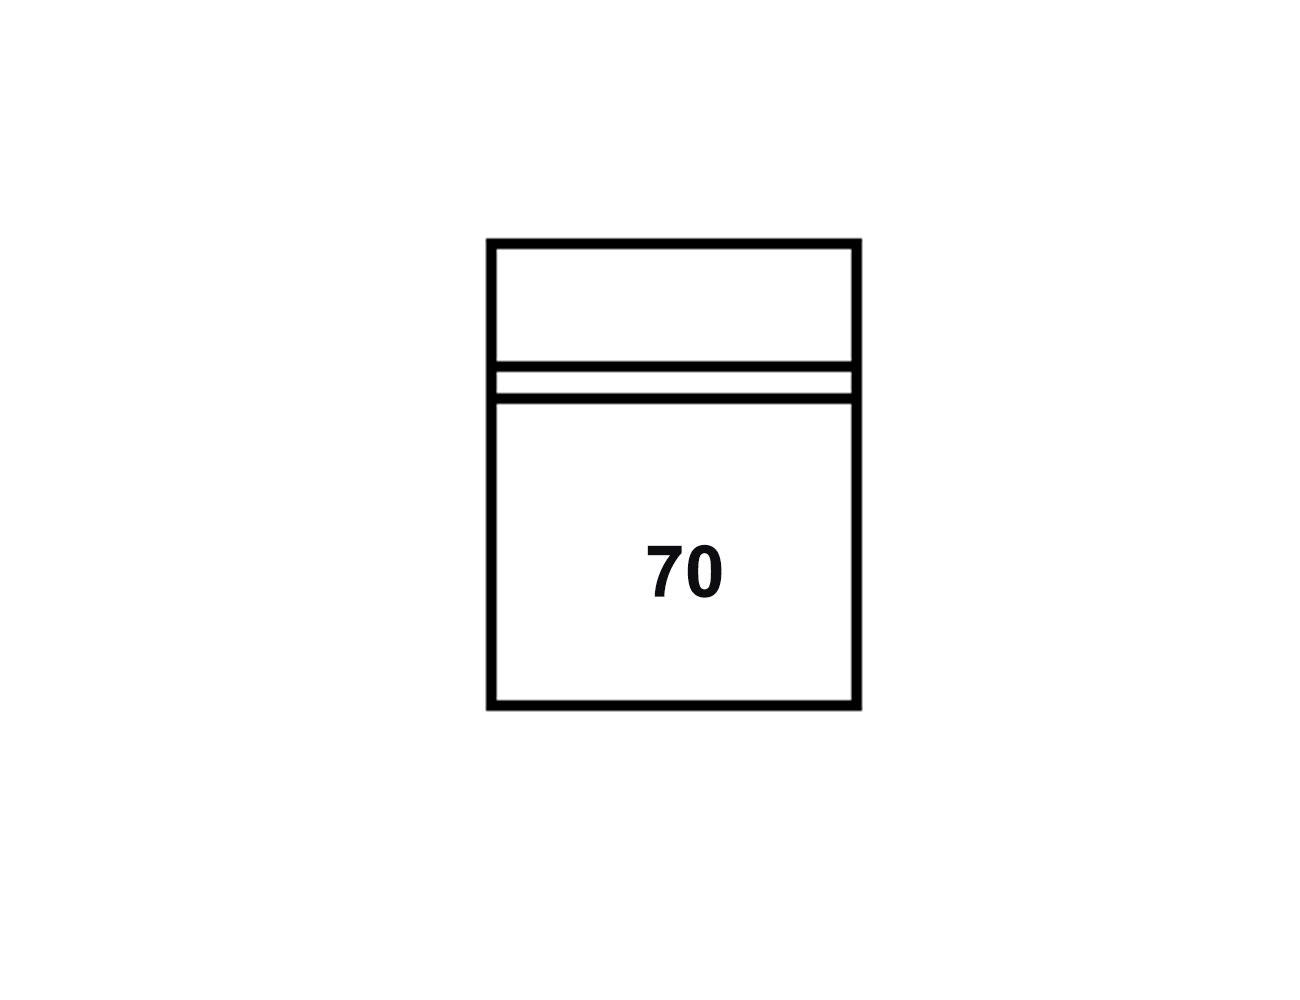 Modulo 1p 702